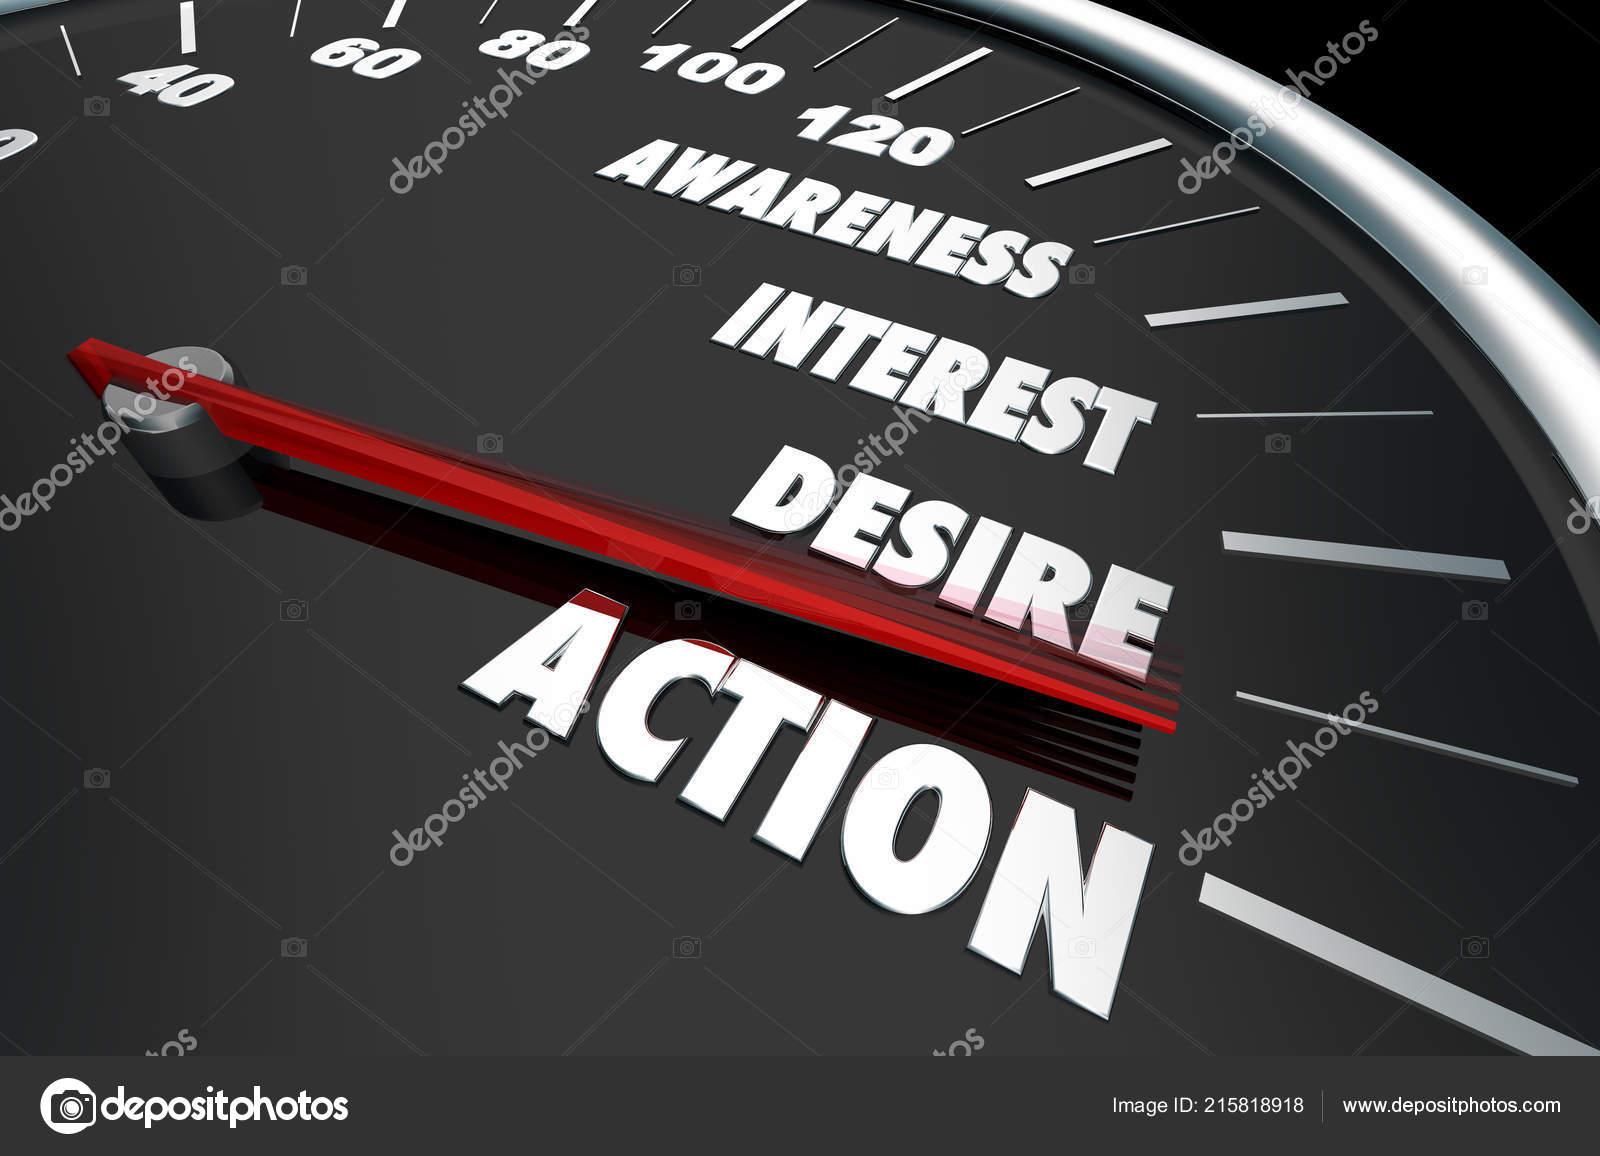 Consciência Interesse Desejo Ação Velocímetro Palavras Ilustração —  Fotografia de Stock 2659c791bd1a0